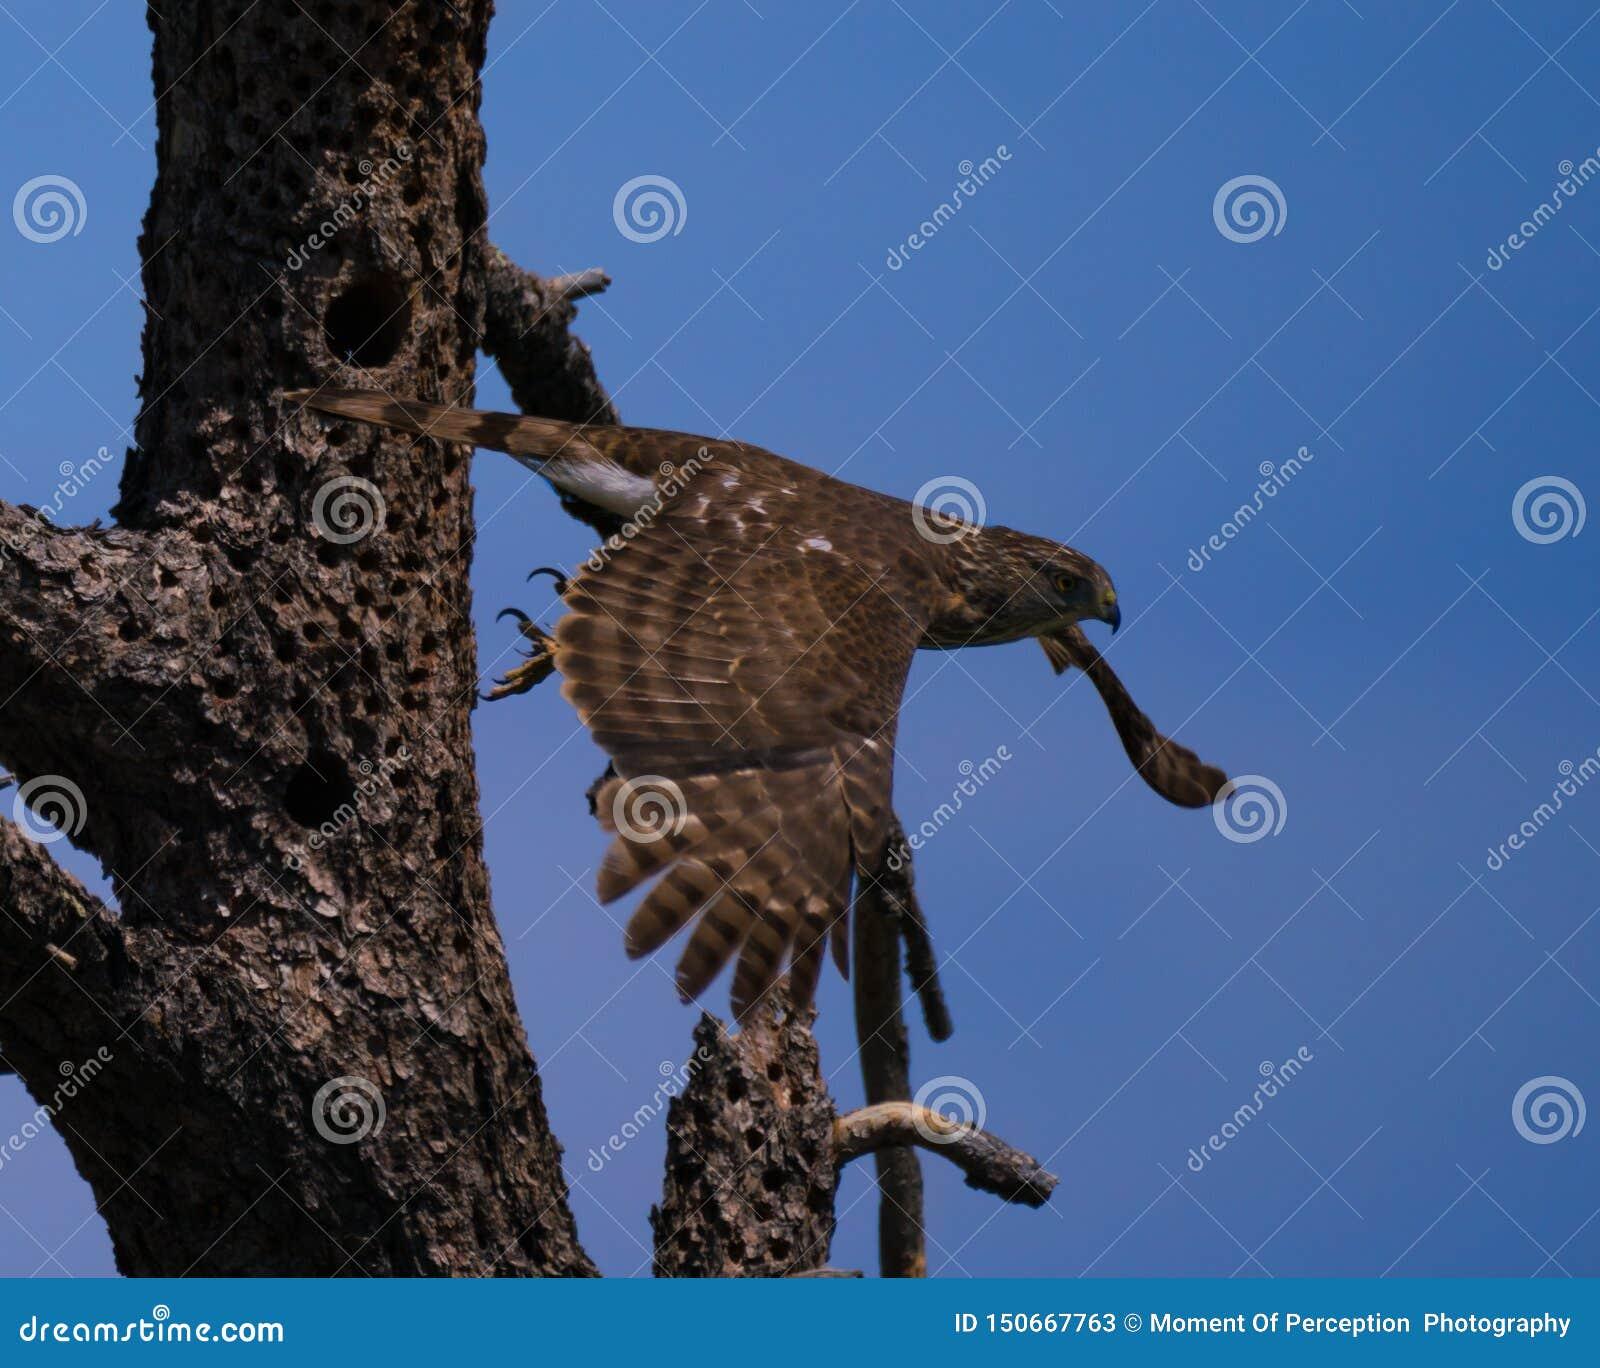 Peregrine Falcon Heading Off On ein Abenteuer